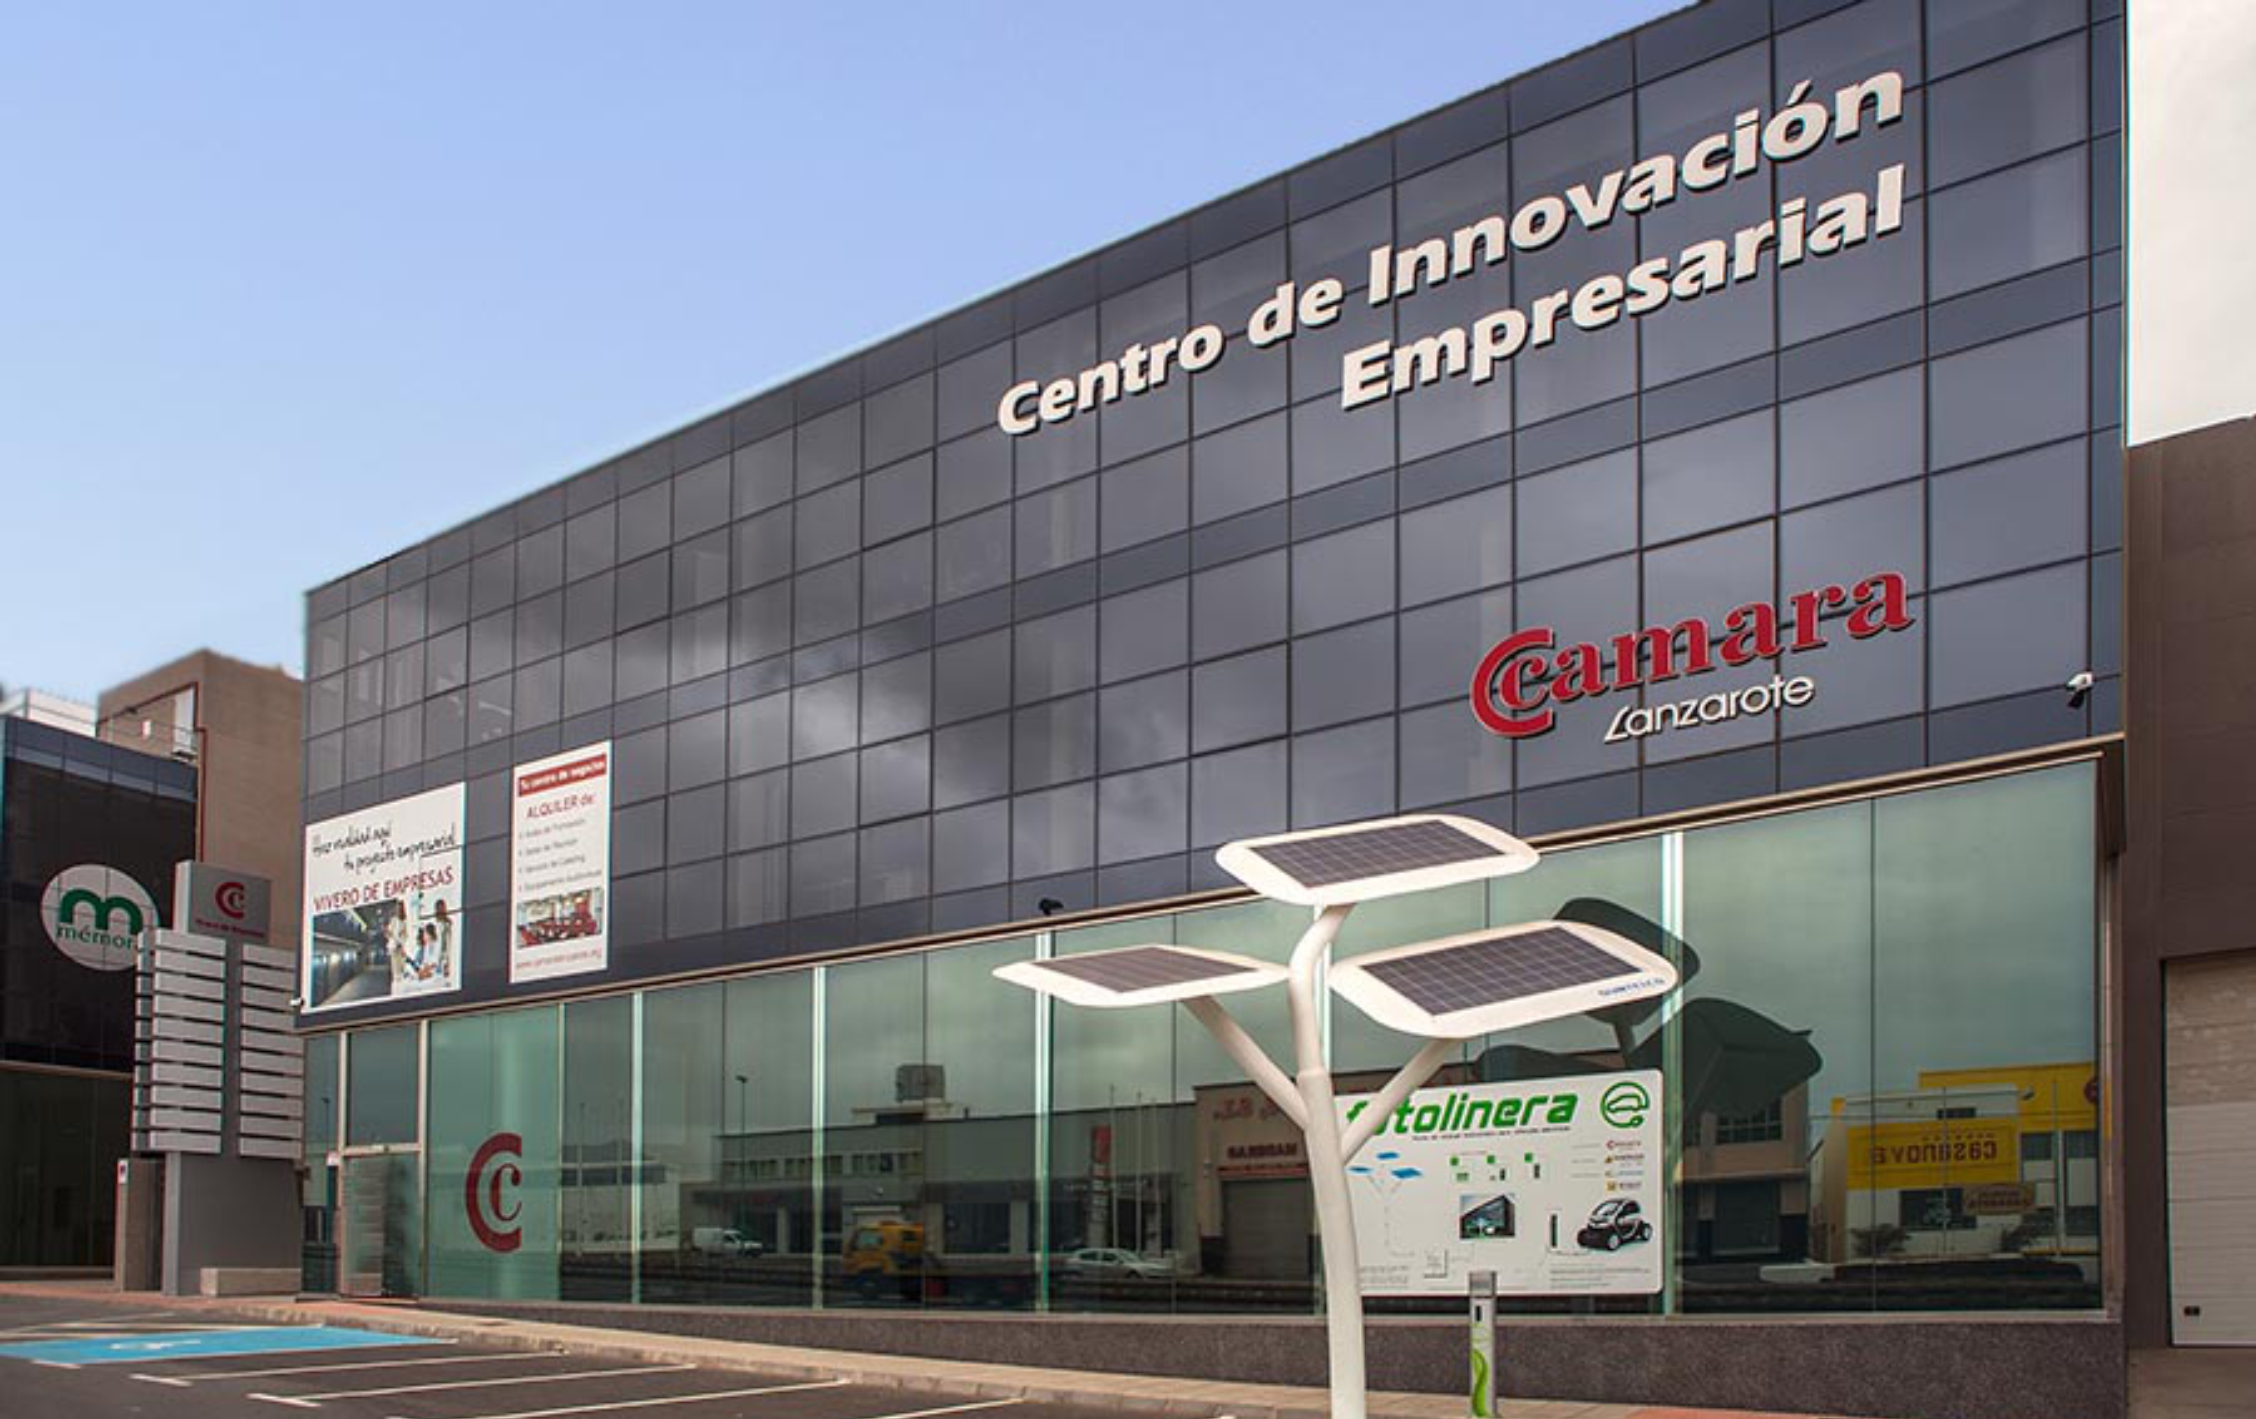 Curso PICE Cámara de Comercio Lanzarote: Comercio Electrónico, Marketing digital y técnicas de Ventas